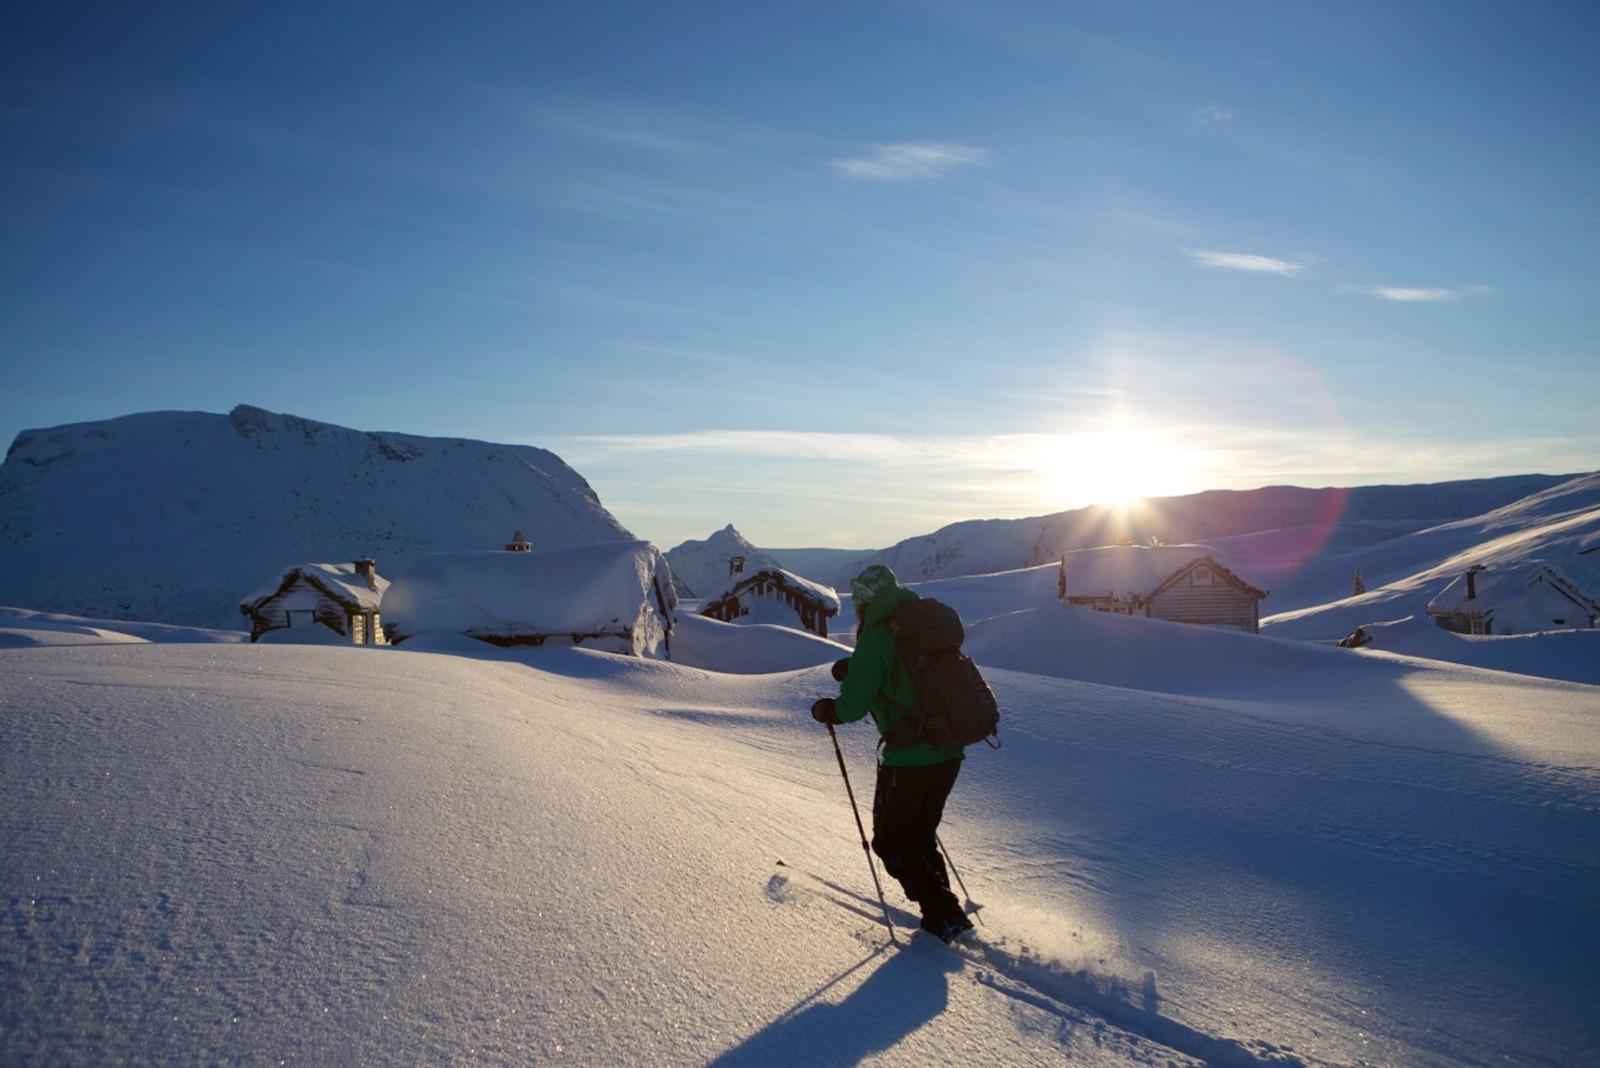 På Utvikfjellet 1. juledag - Støyvastøylen 840 moh.